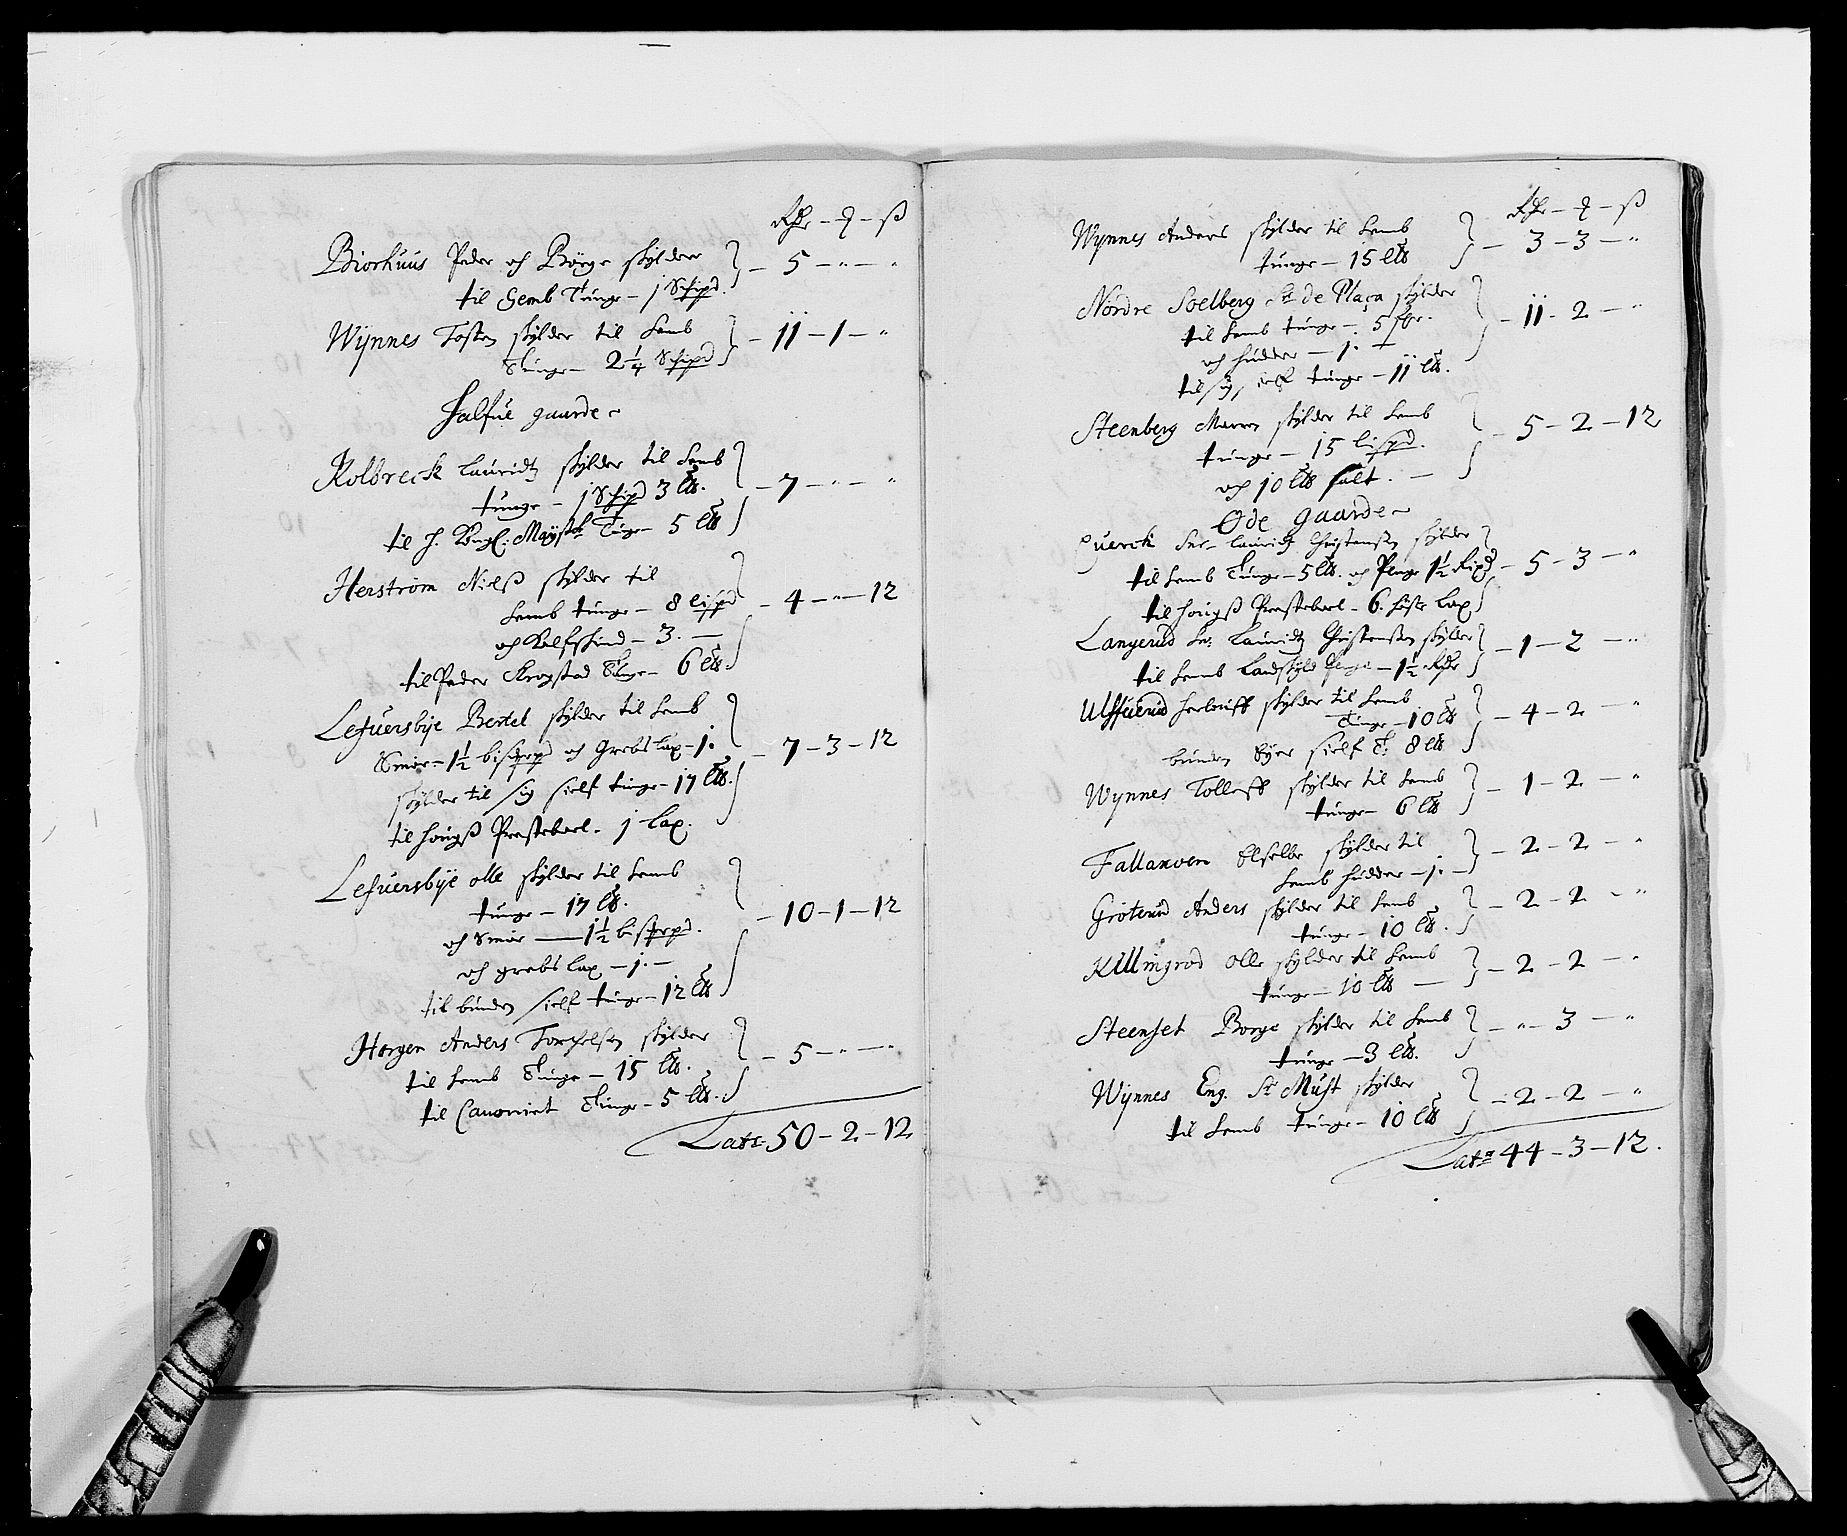 RA, Rentekammeret inntil 1814, Reviderte regnskaper, Fogderegnskap, R26/L1685: Fogderegnskap Eiker, 1679-1686, s. 172